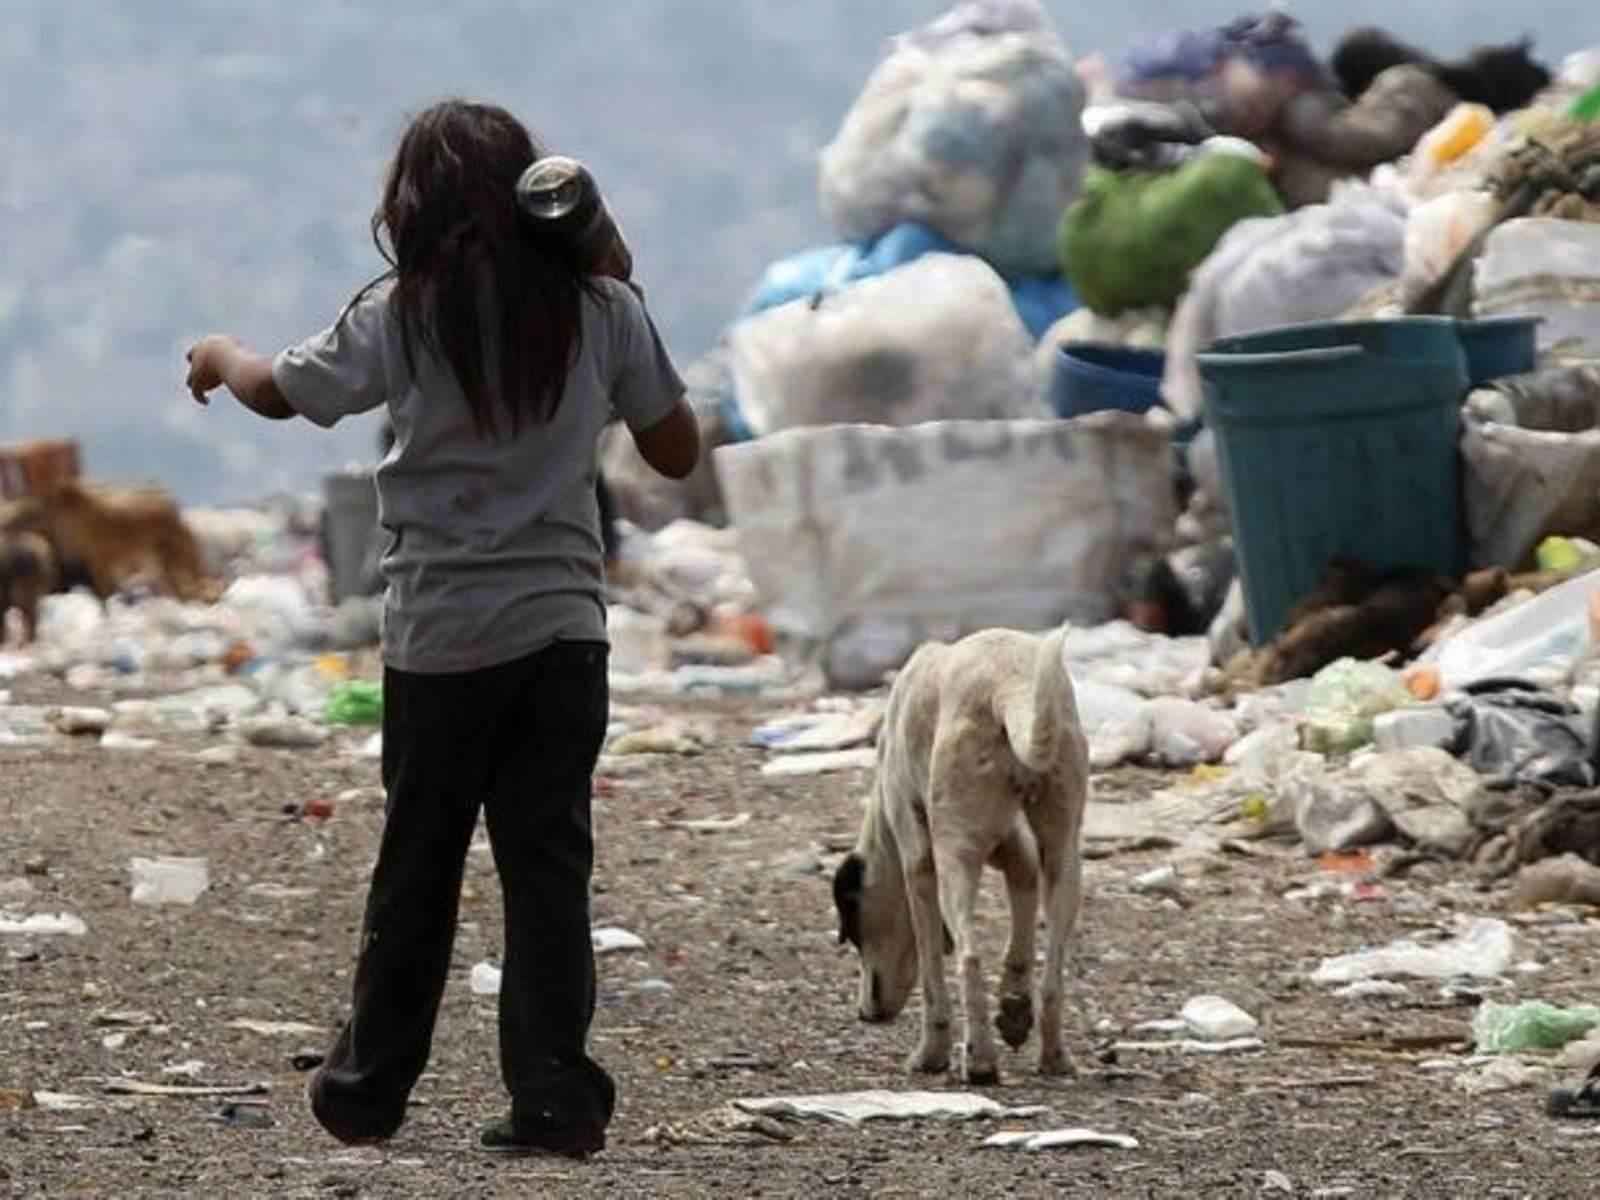 La pobreza subió y afecta al 35,4% de la población: hay 15,8 millones de pobres